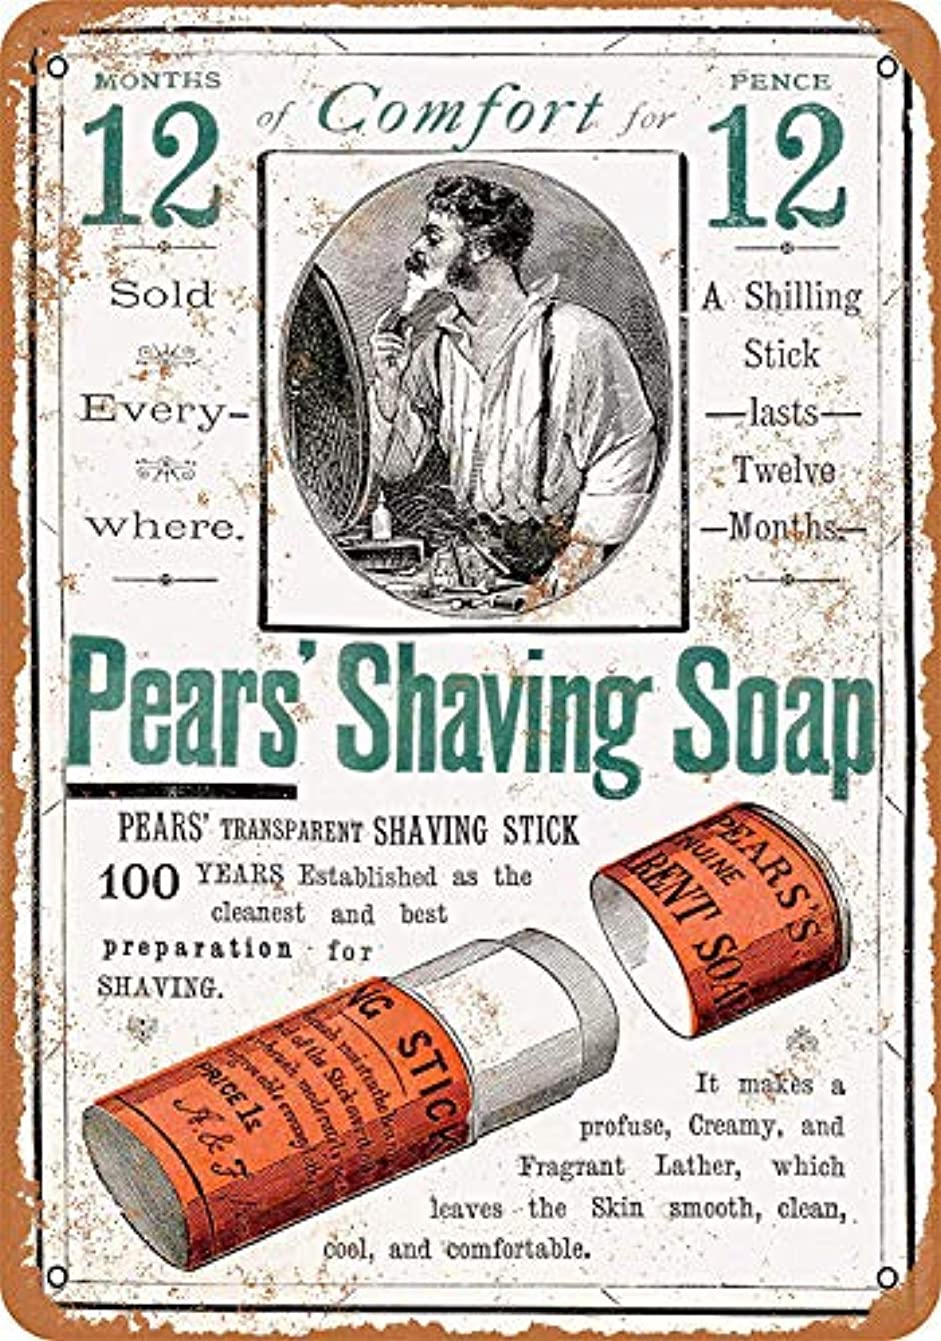 火山簿記係手配するShimaier 壁の装飾 ブリキ 看板メタルサイン 1884 Pears' Shaving Soap ウォールアート バー カフェ 30×40cm ヴィンテージ風 メタルプレート